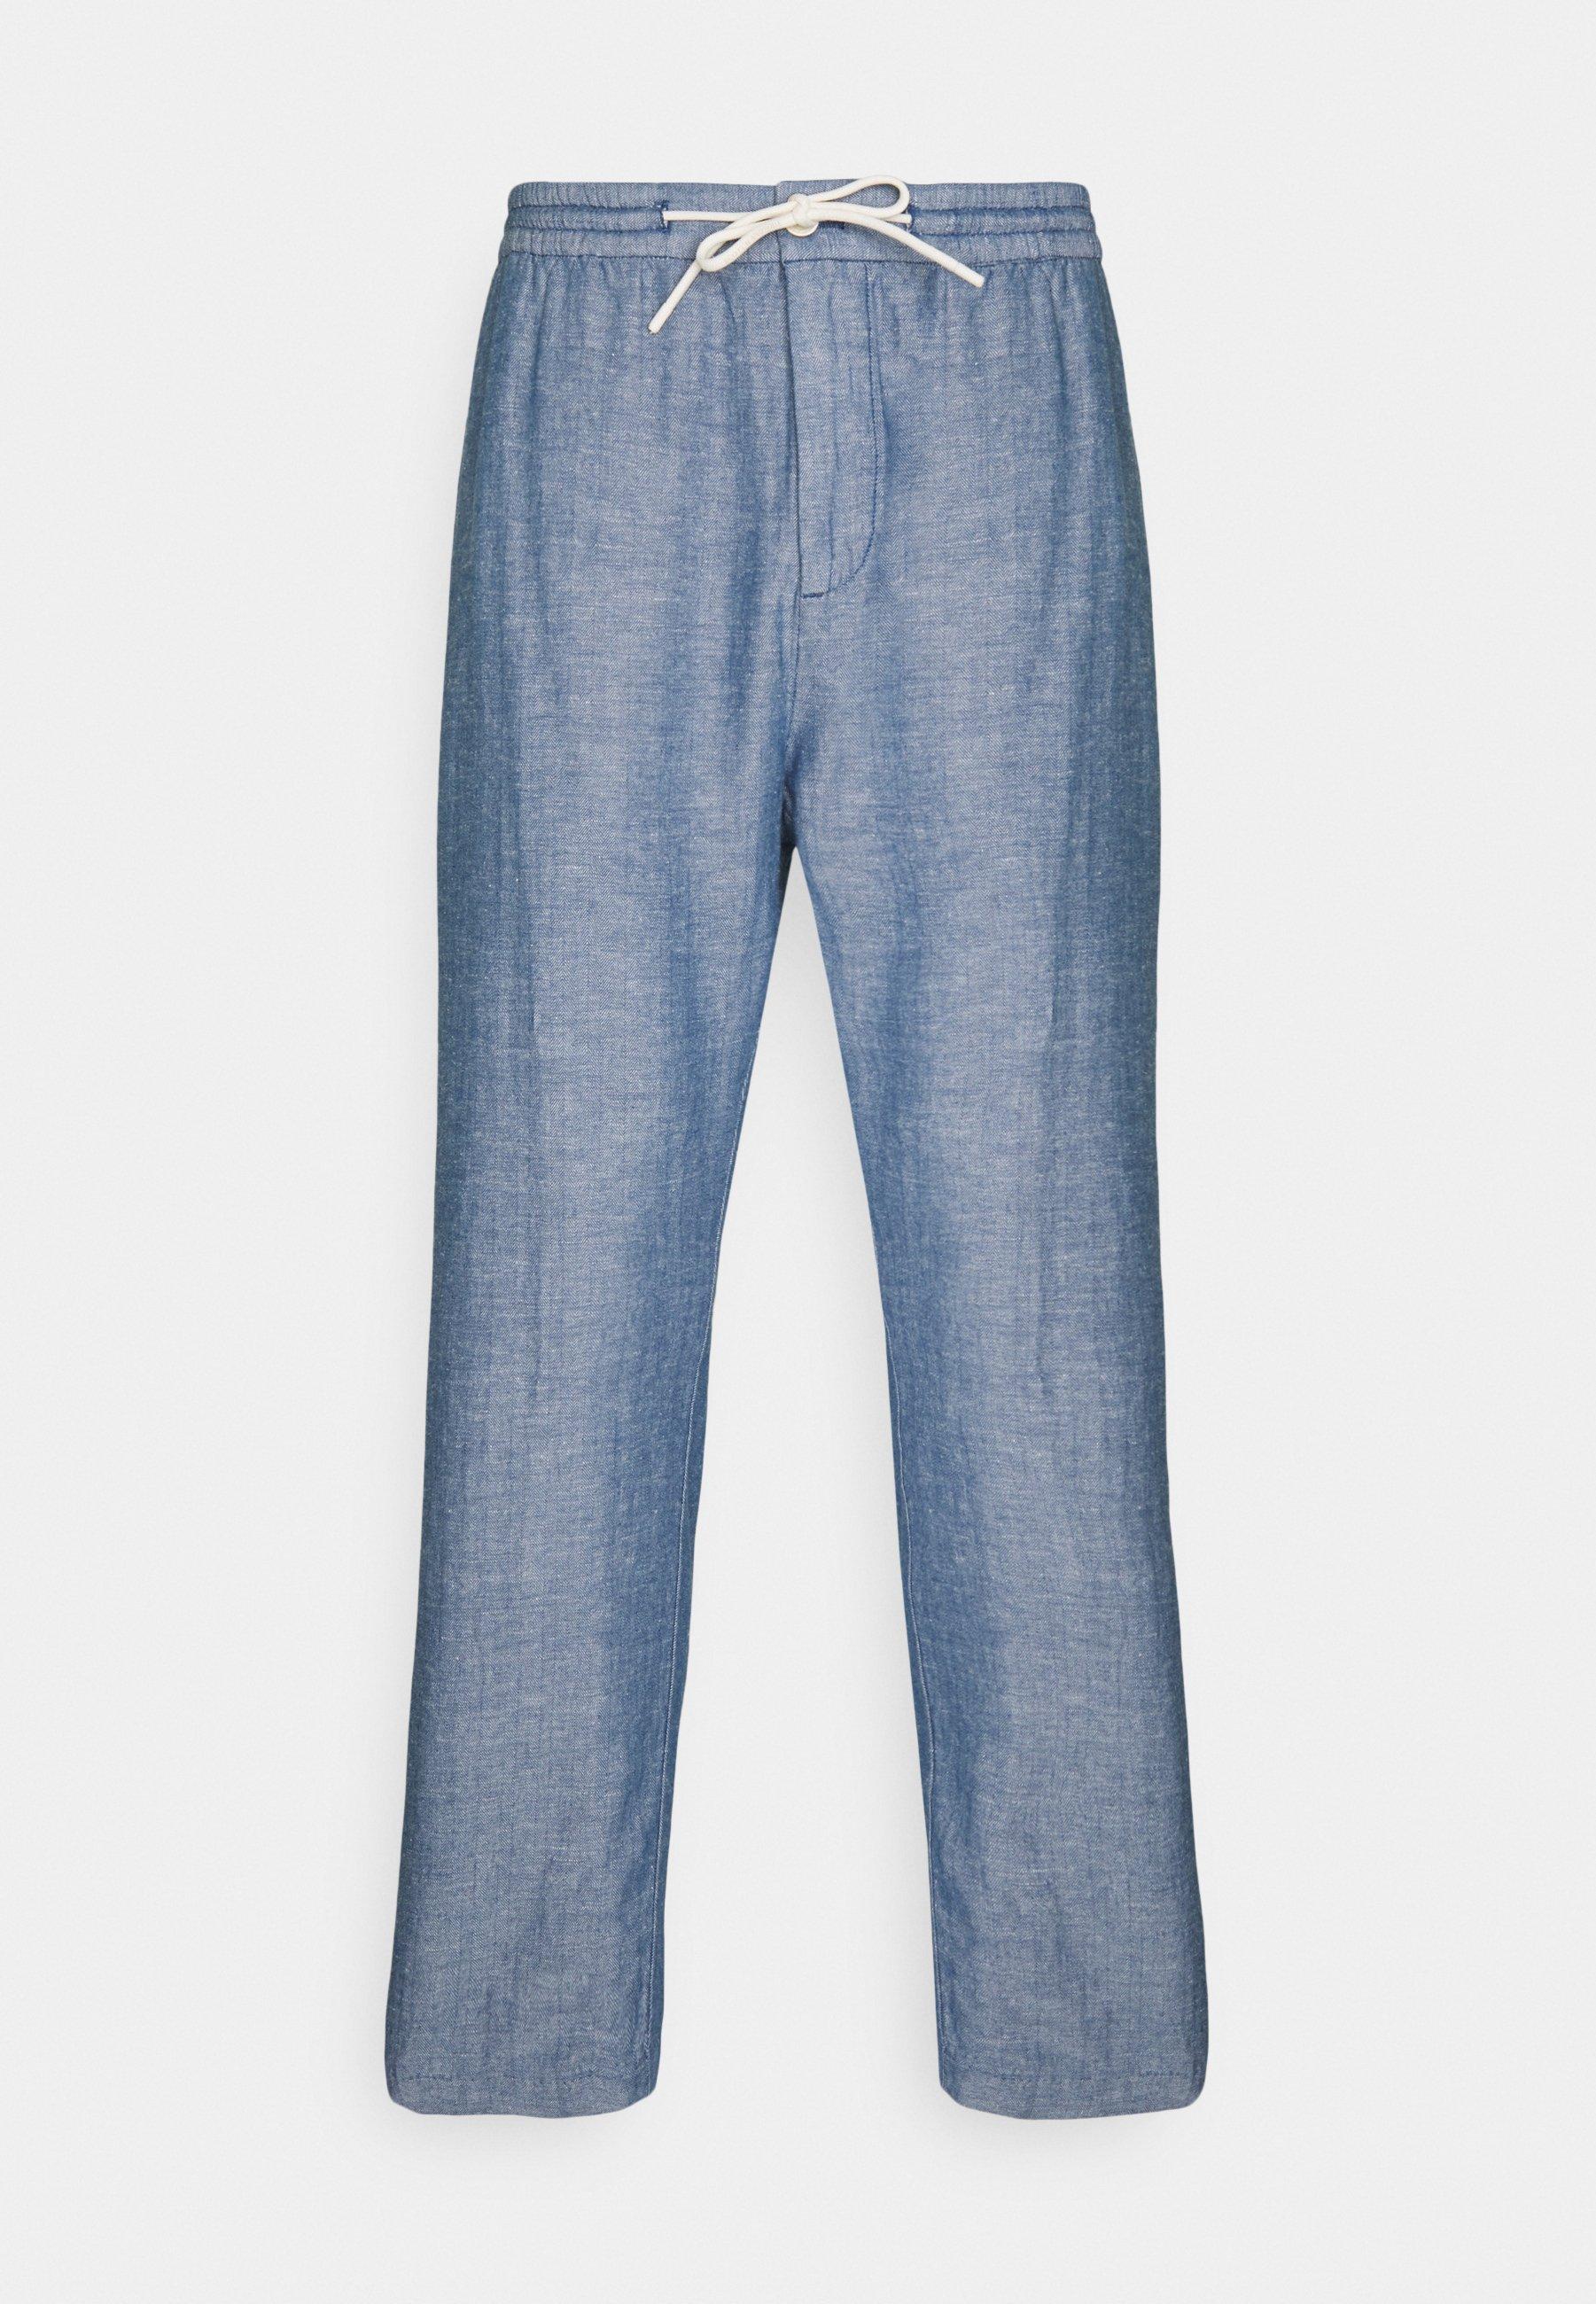 Homme FAVE BEACH PANT - Pantalon classique